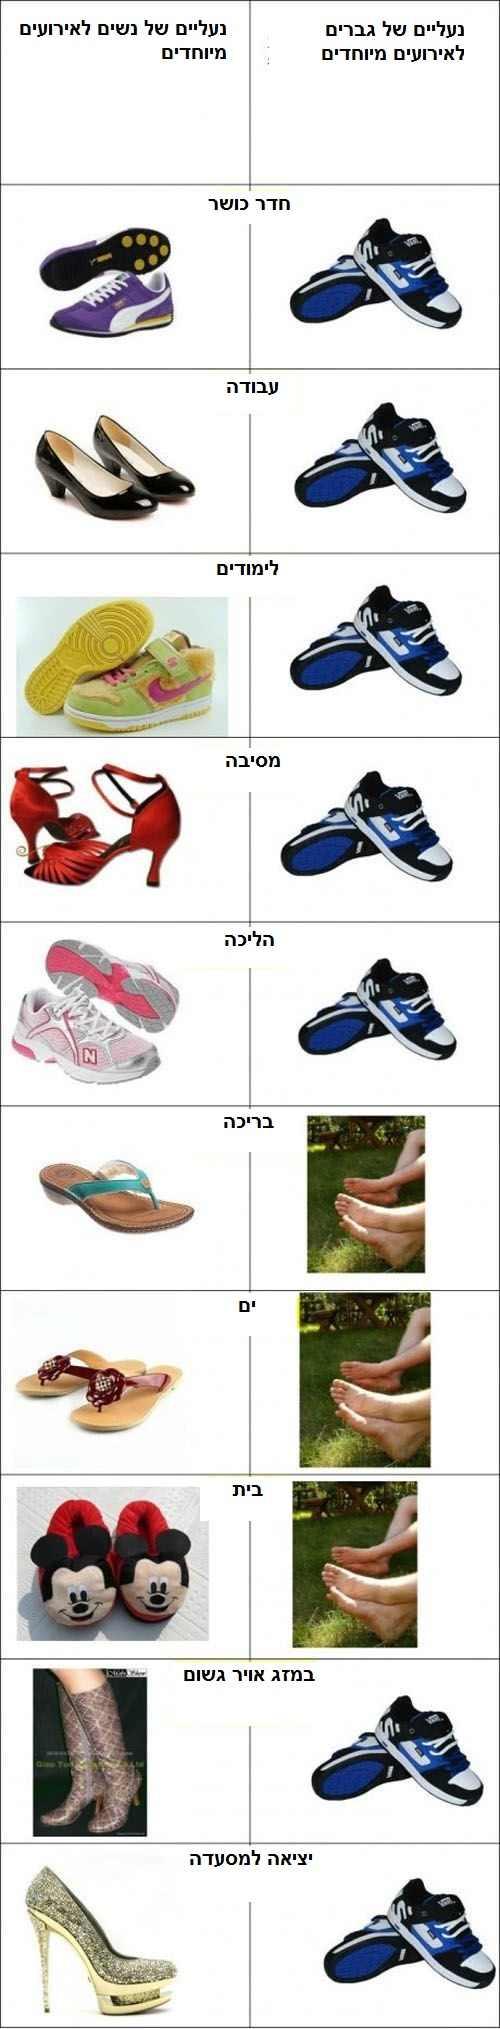 נשים/גברים